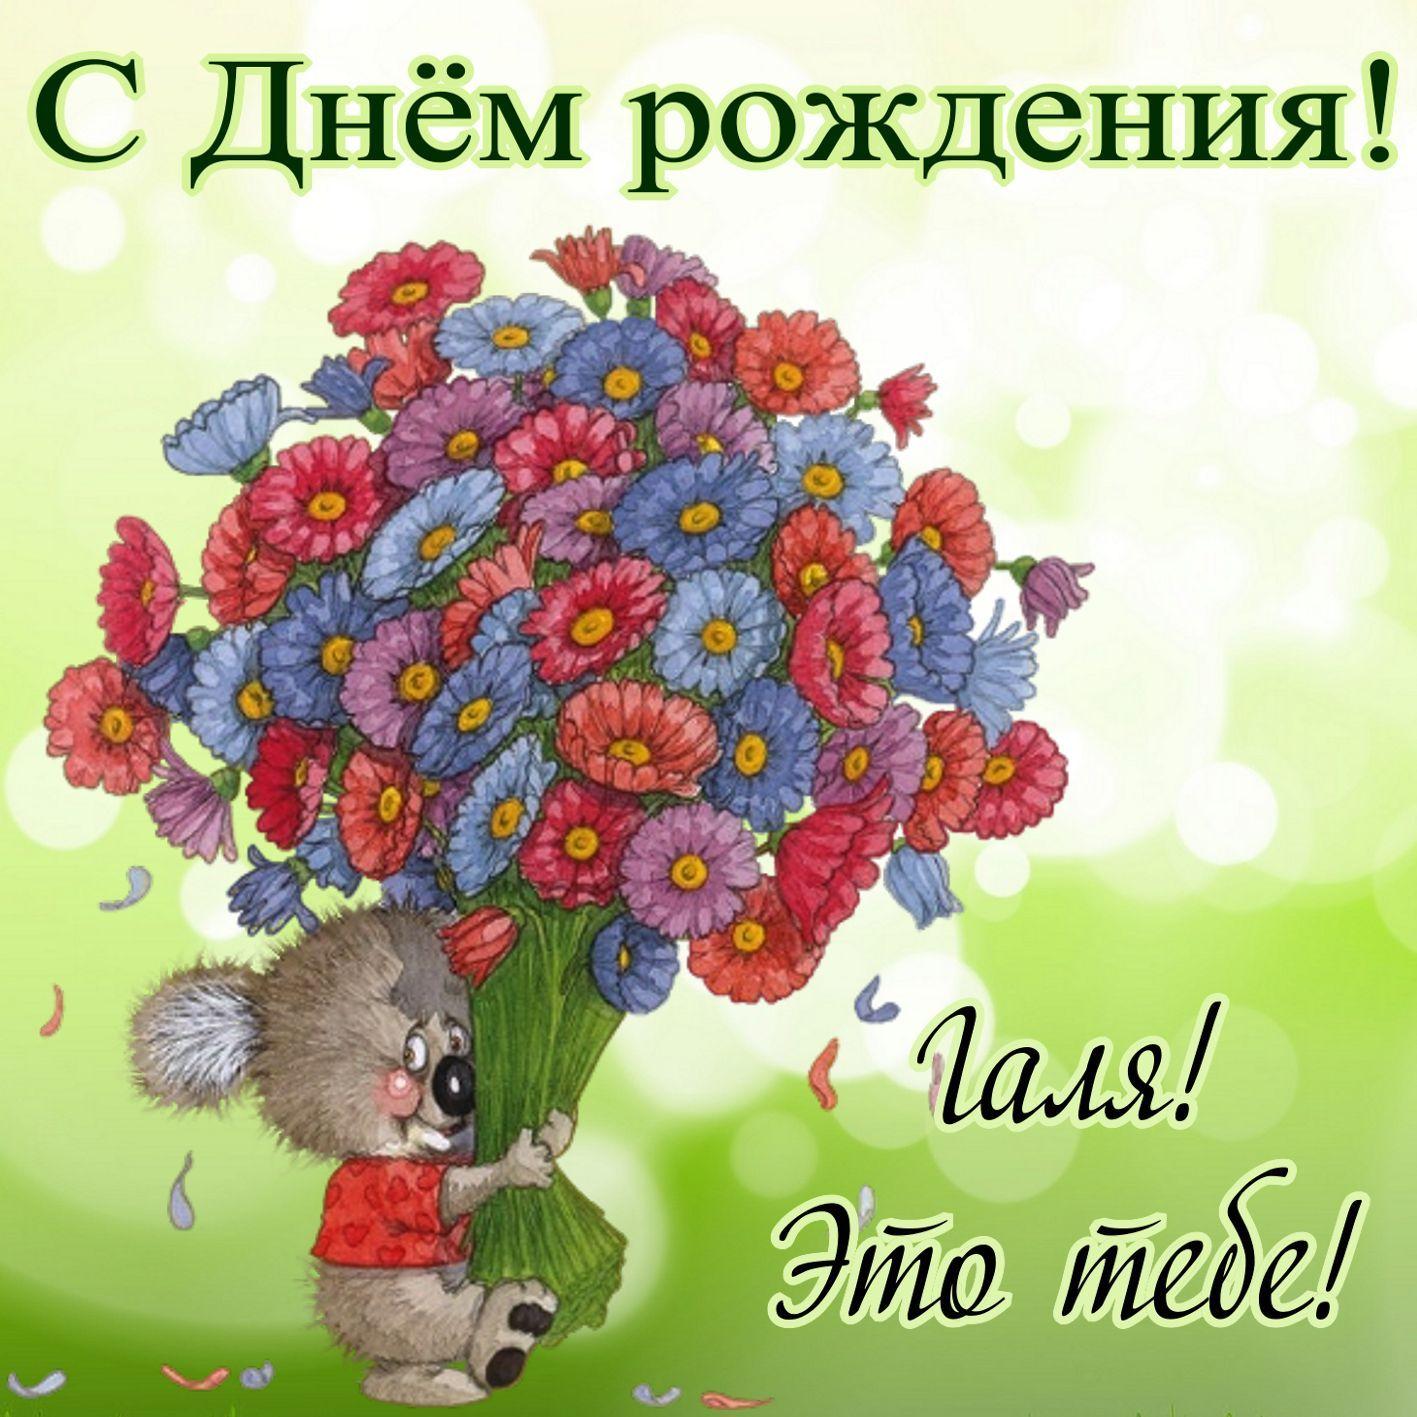 Kartinki Pozdravleniya S Dnem Rozhdeniya Galya 28 Foto S